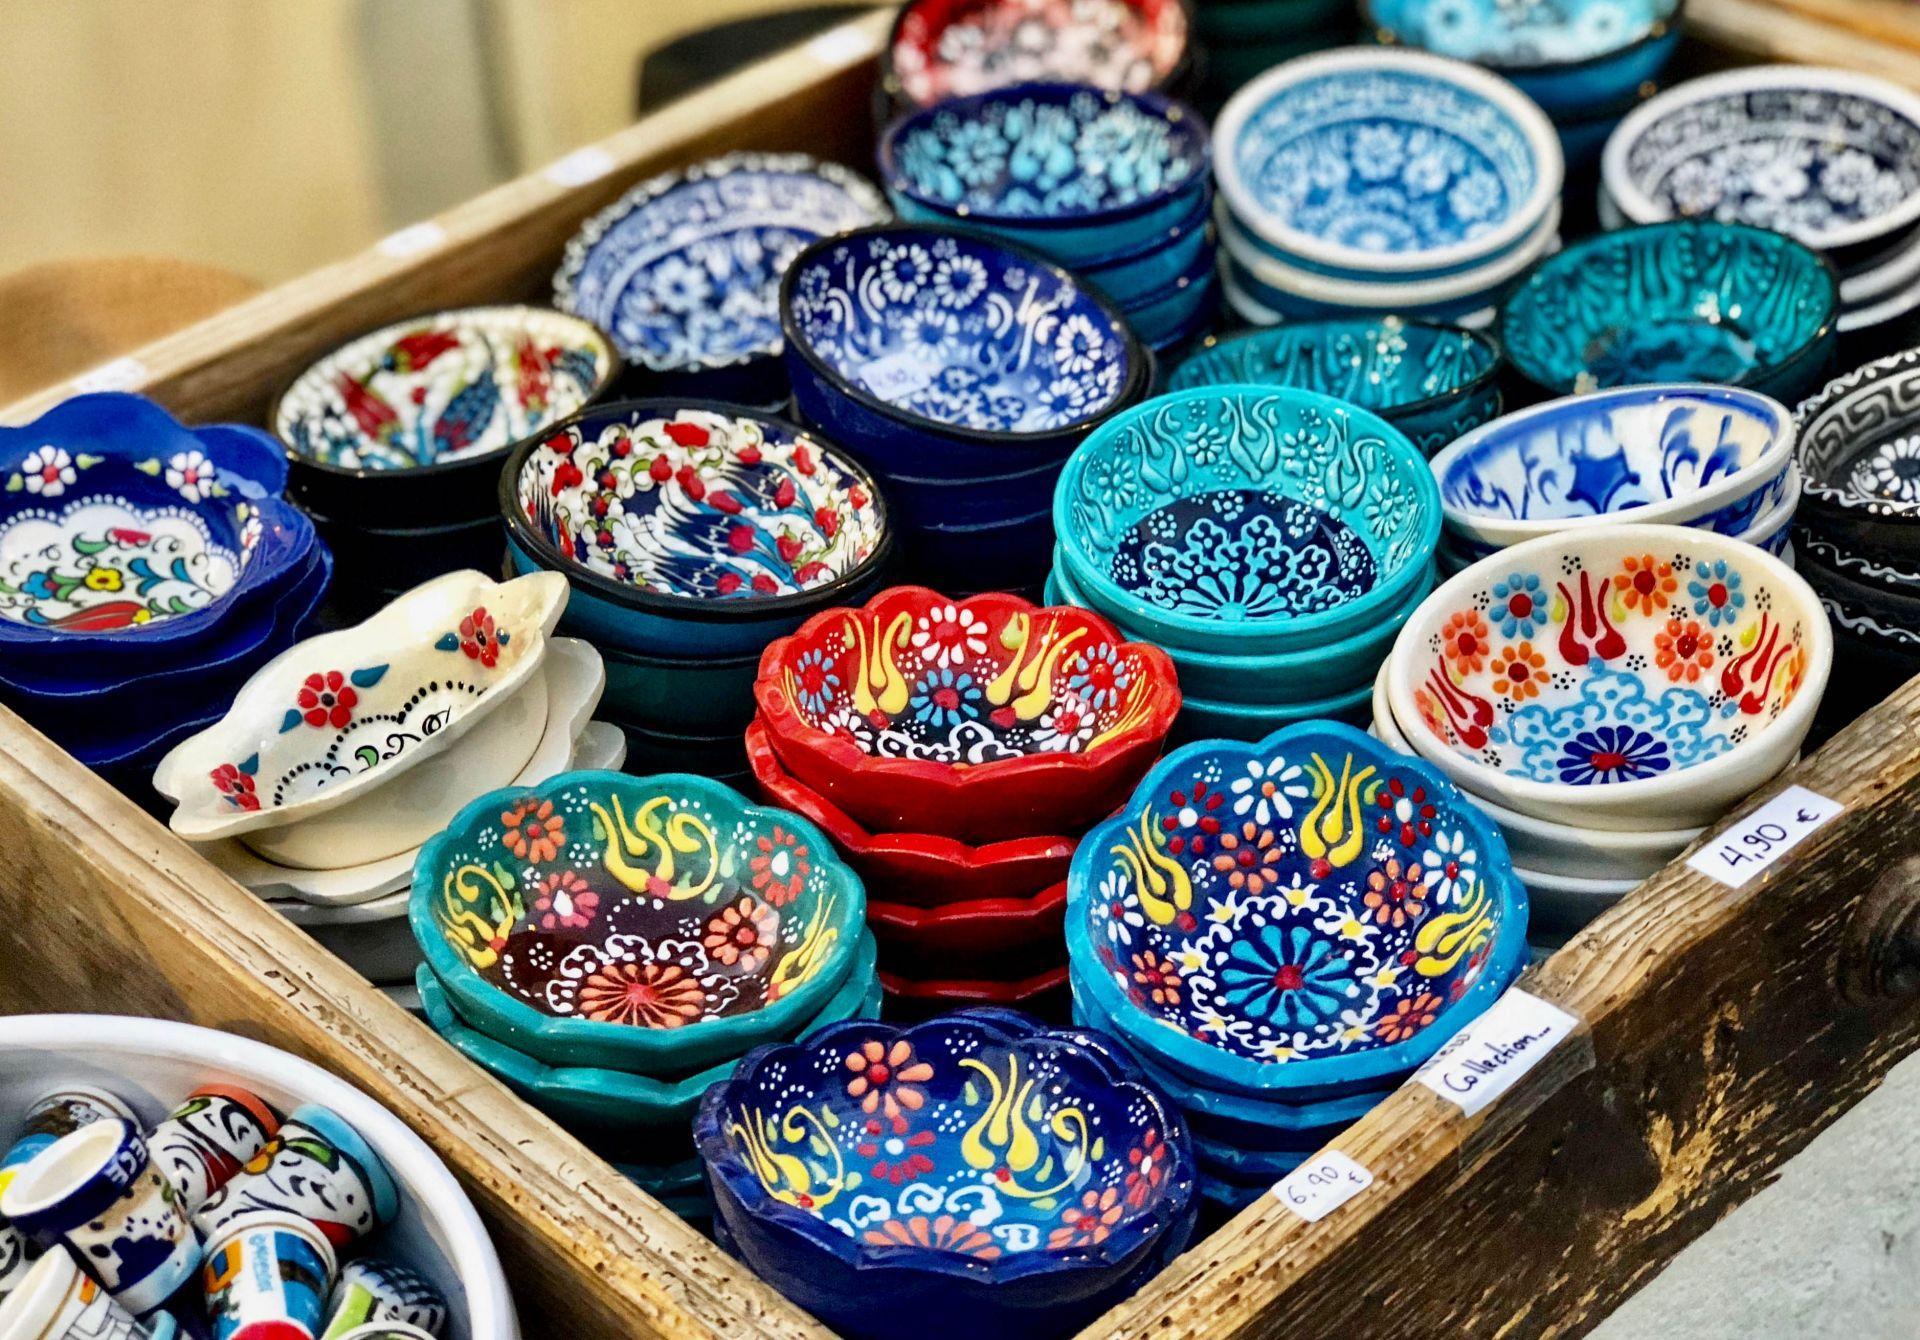 Greece shopping: Ceramics